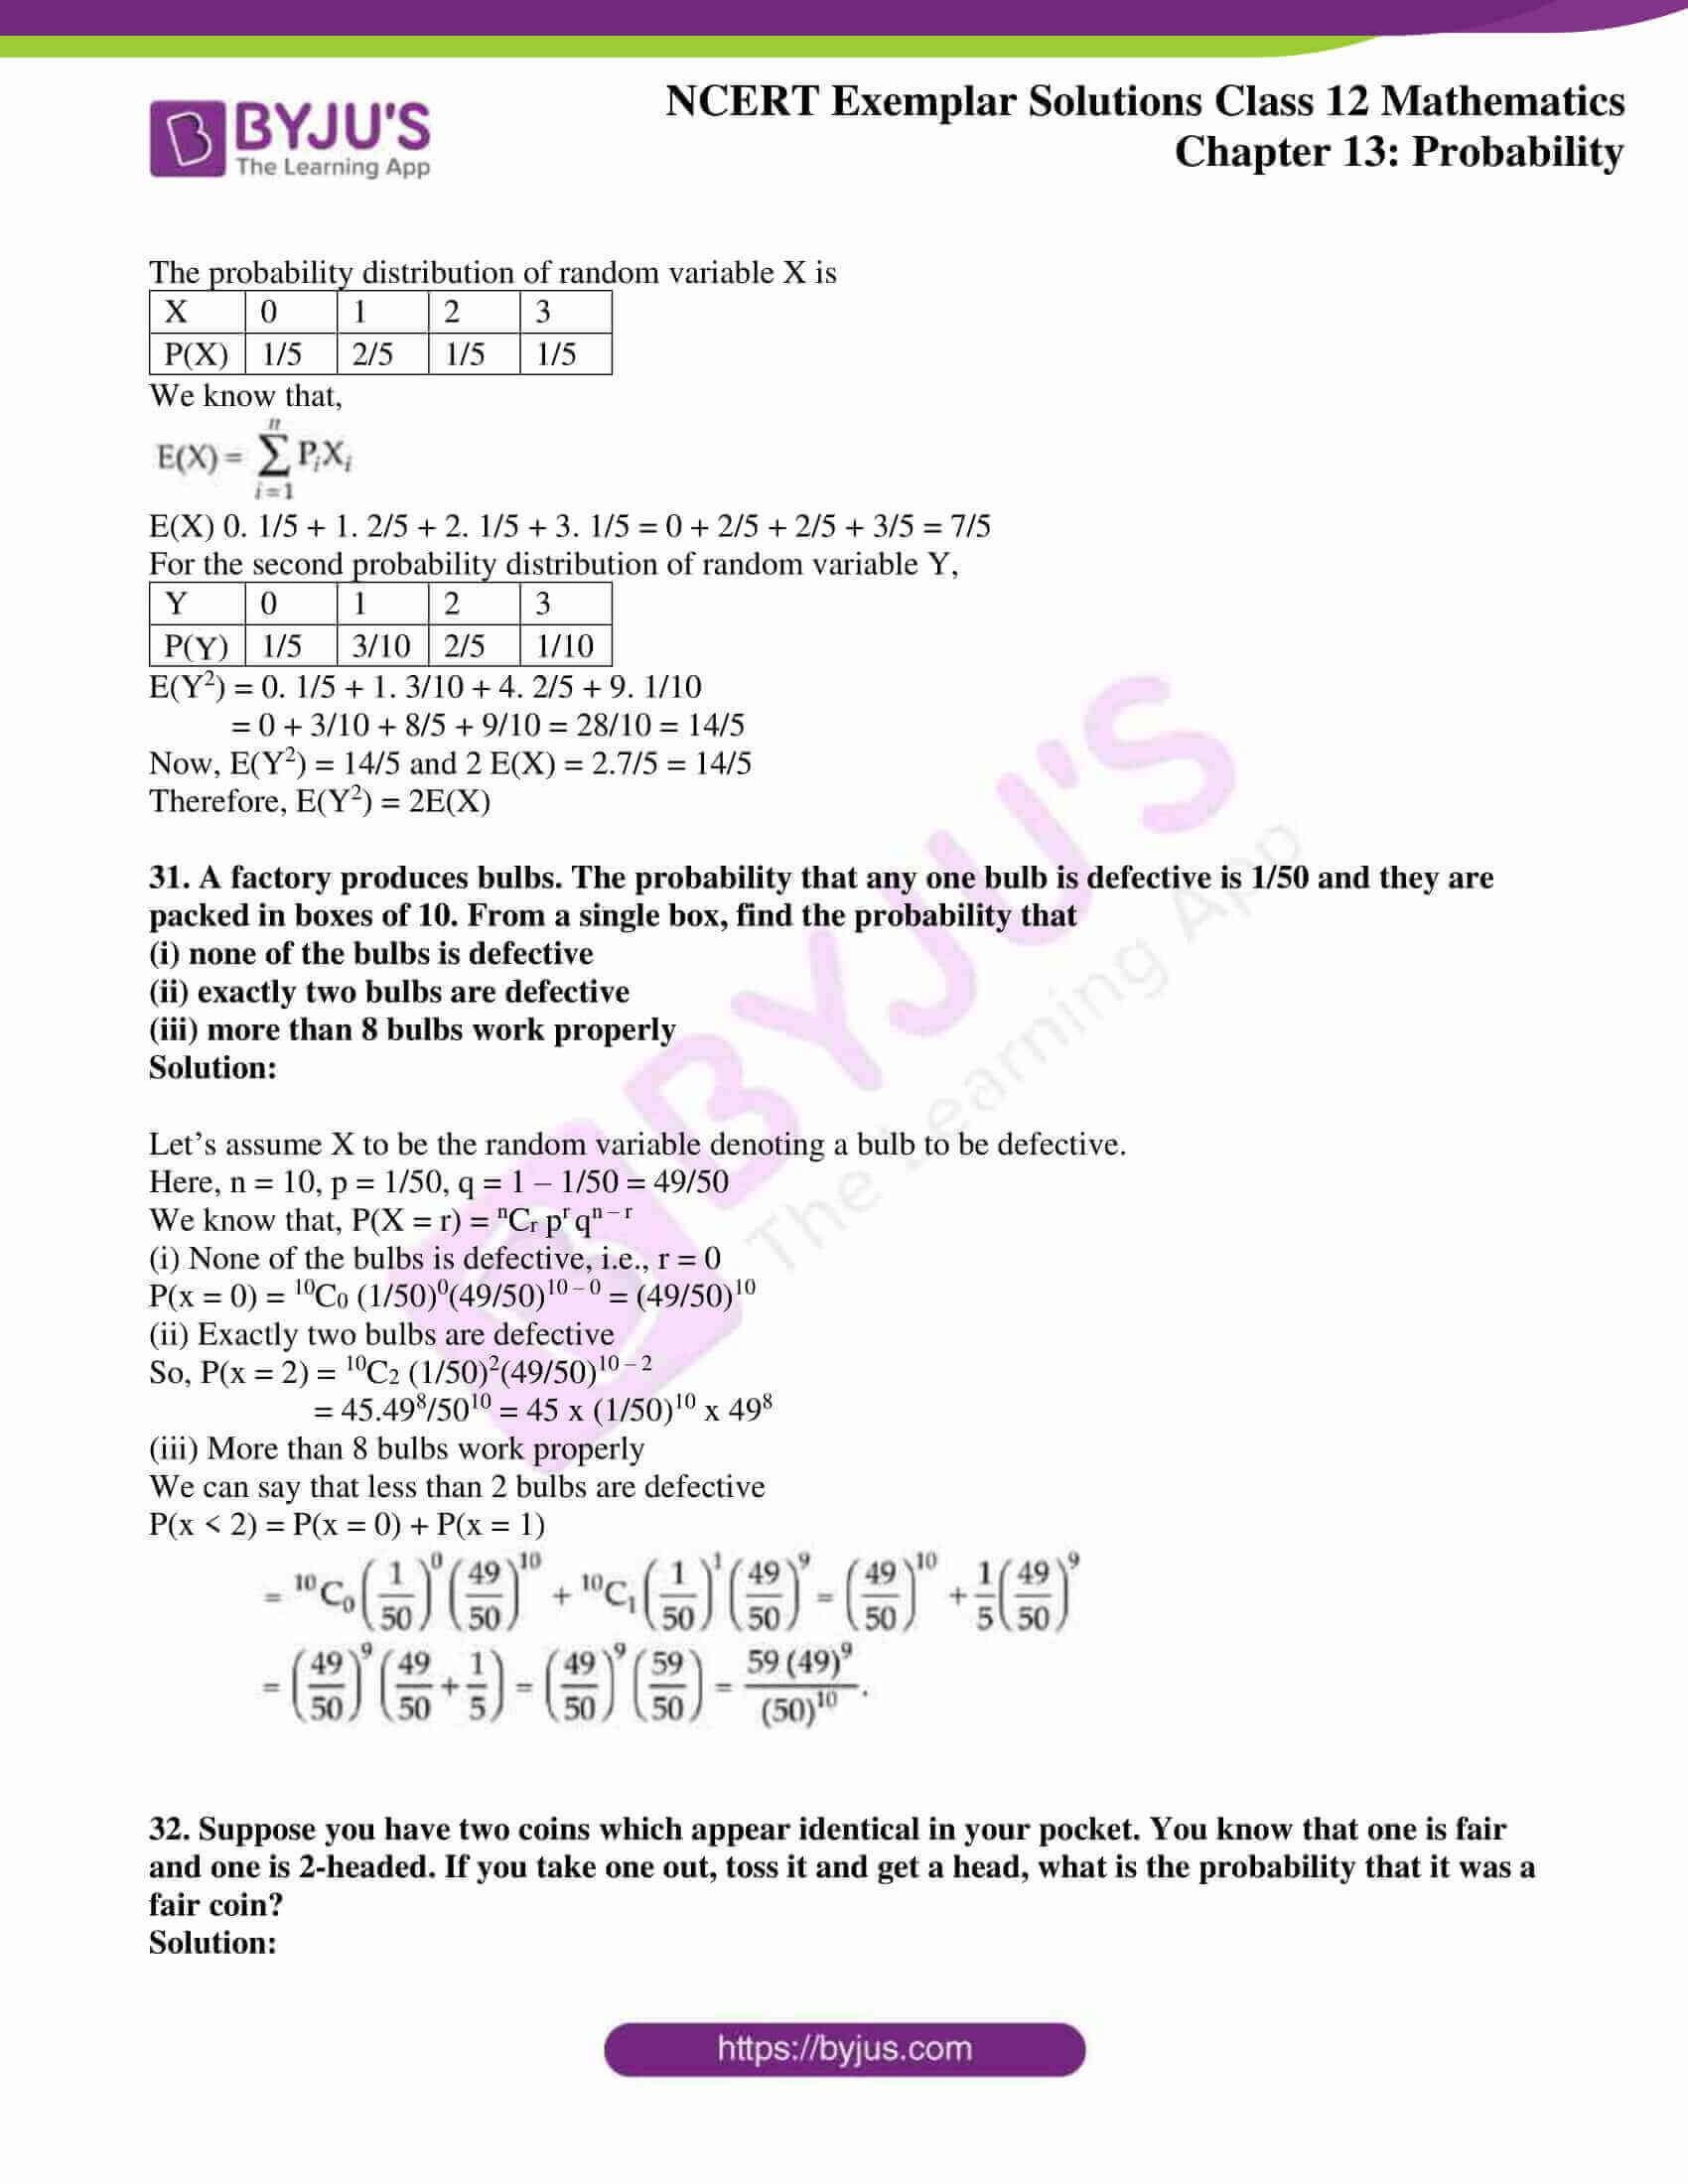 ncert exemplar sol class 12 mathematics chapter 13 13